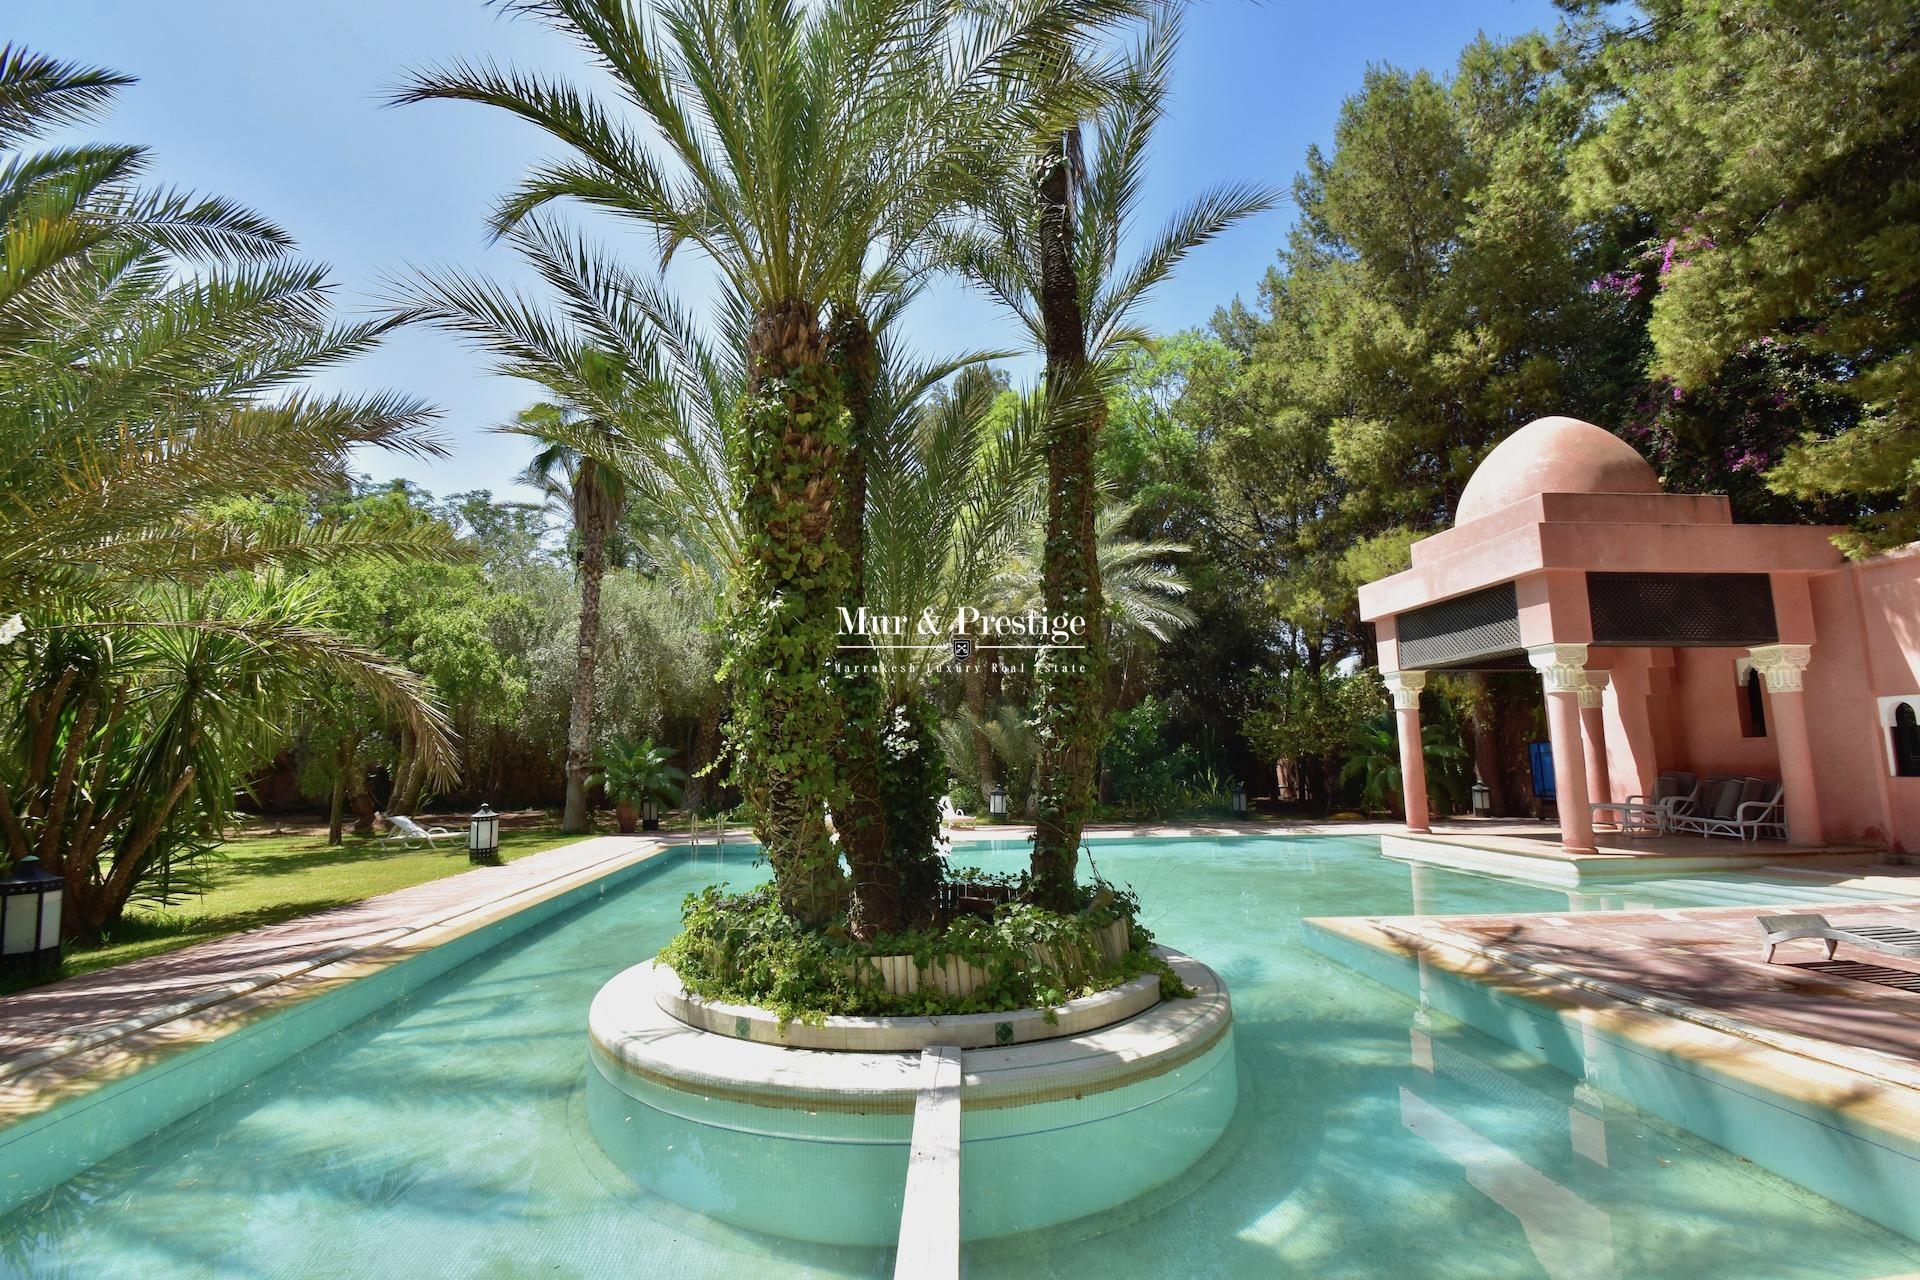 Maison à louer à la palmeraie Marrakech  - copie